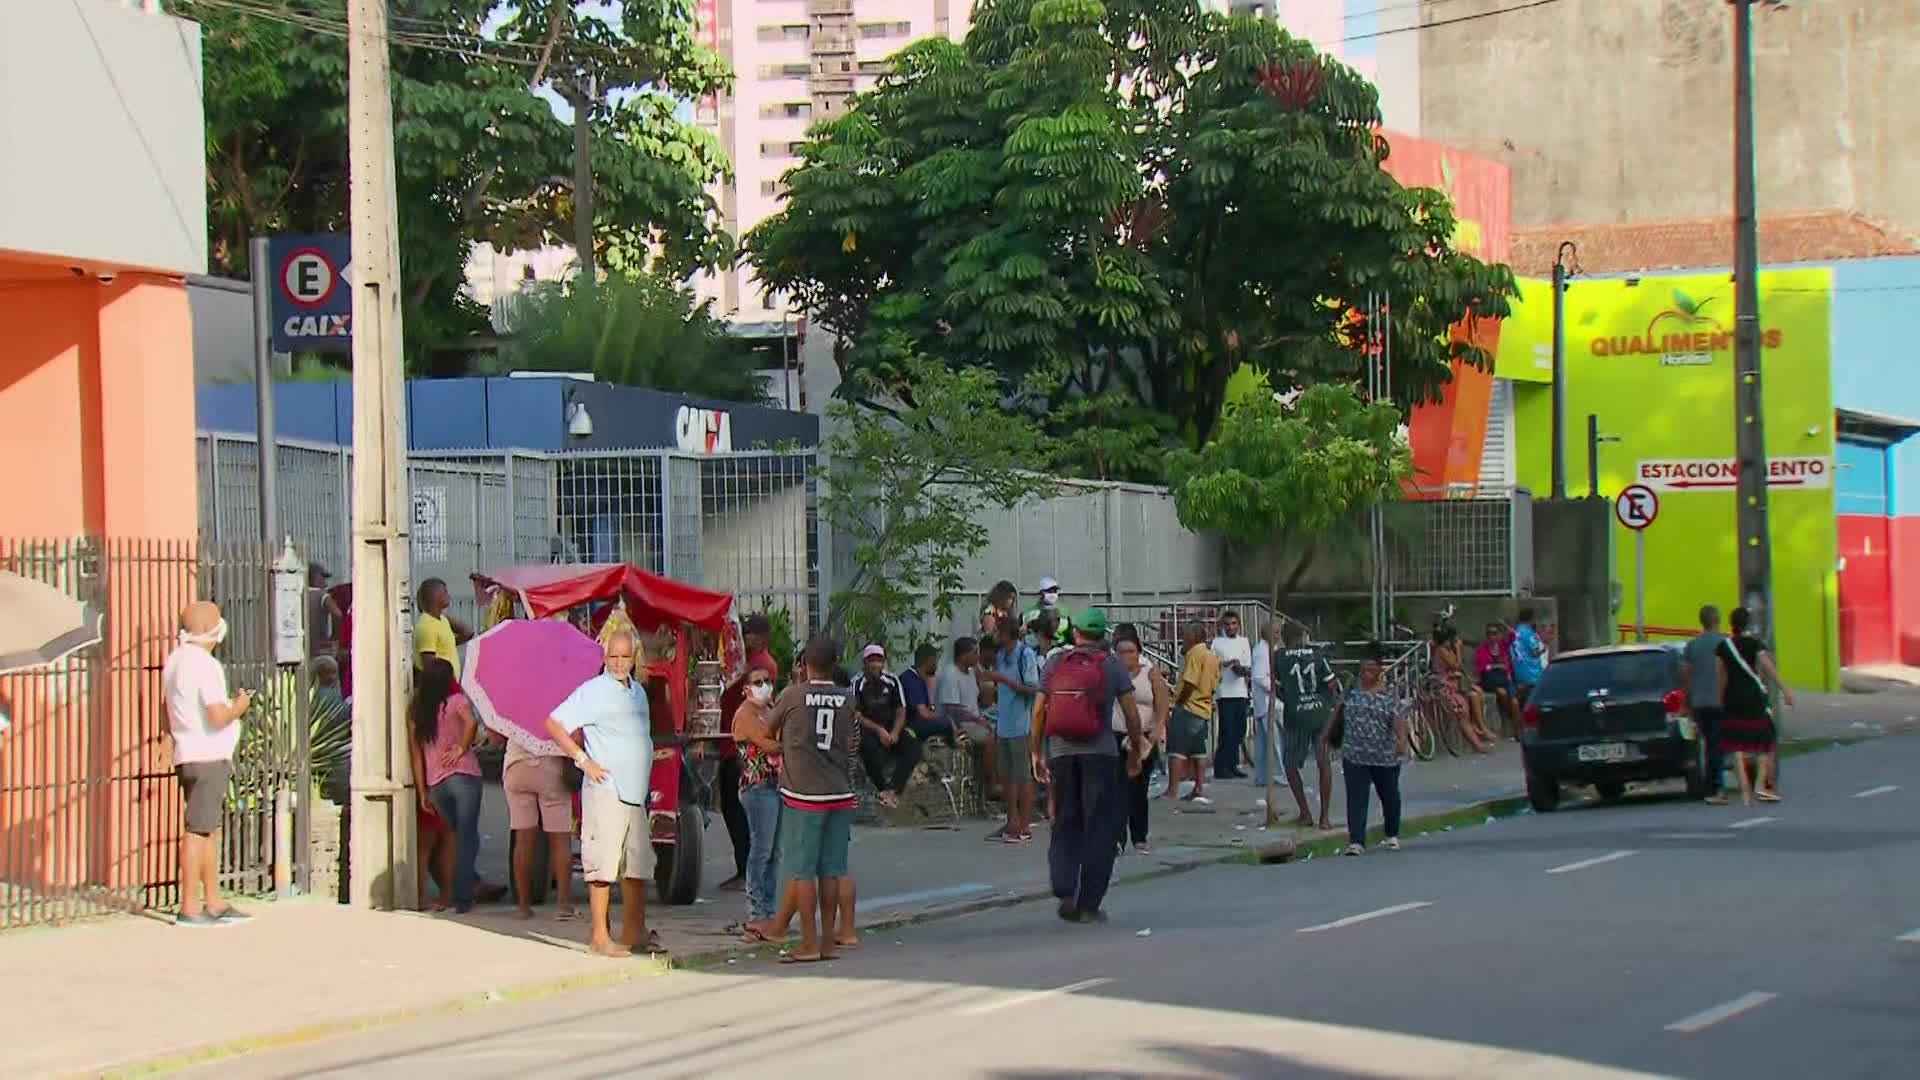 Auxílio emergencial: agências da Caixa têm mais um dia de filas extensas no Grande Recife